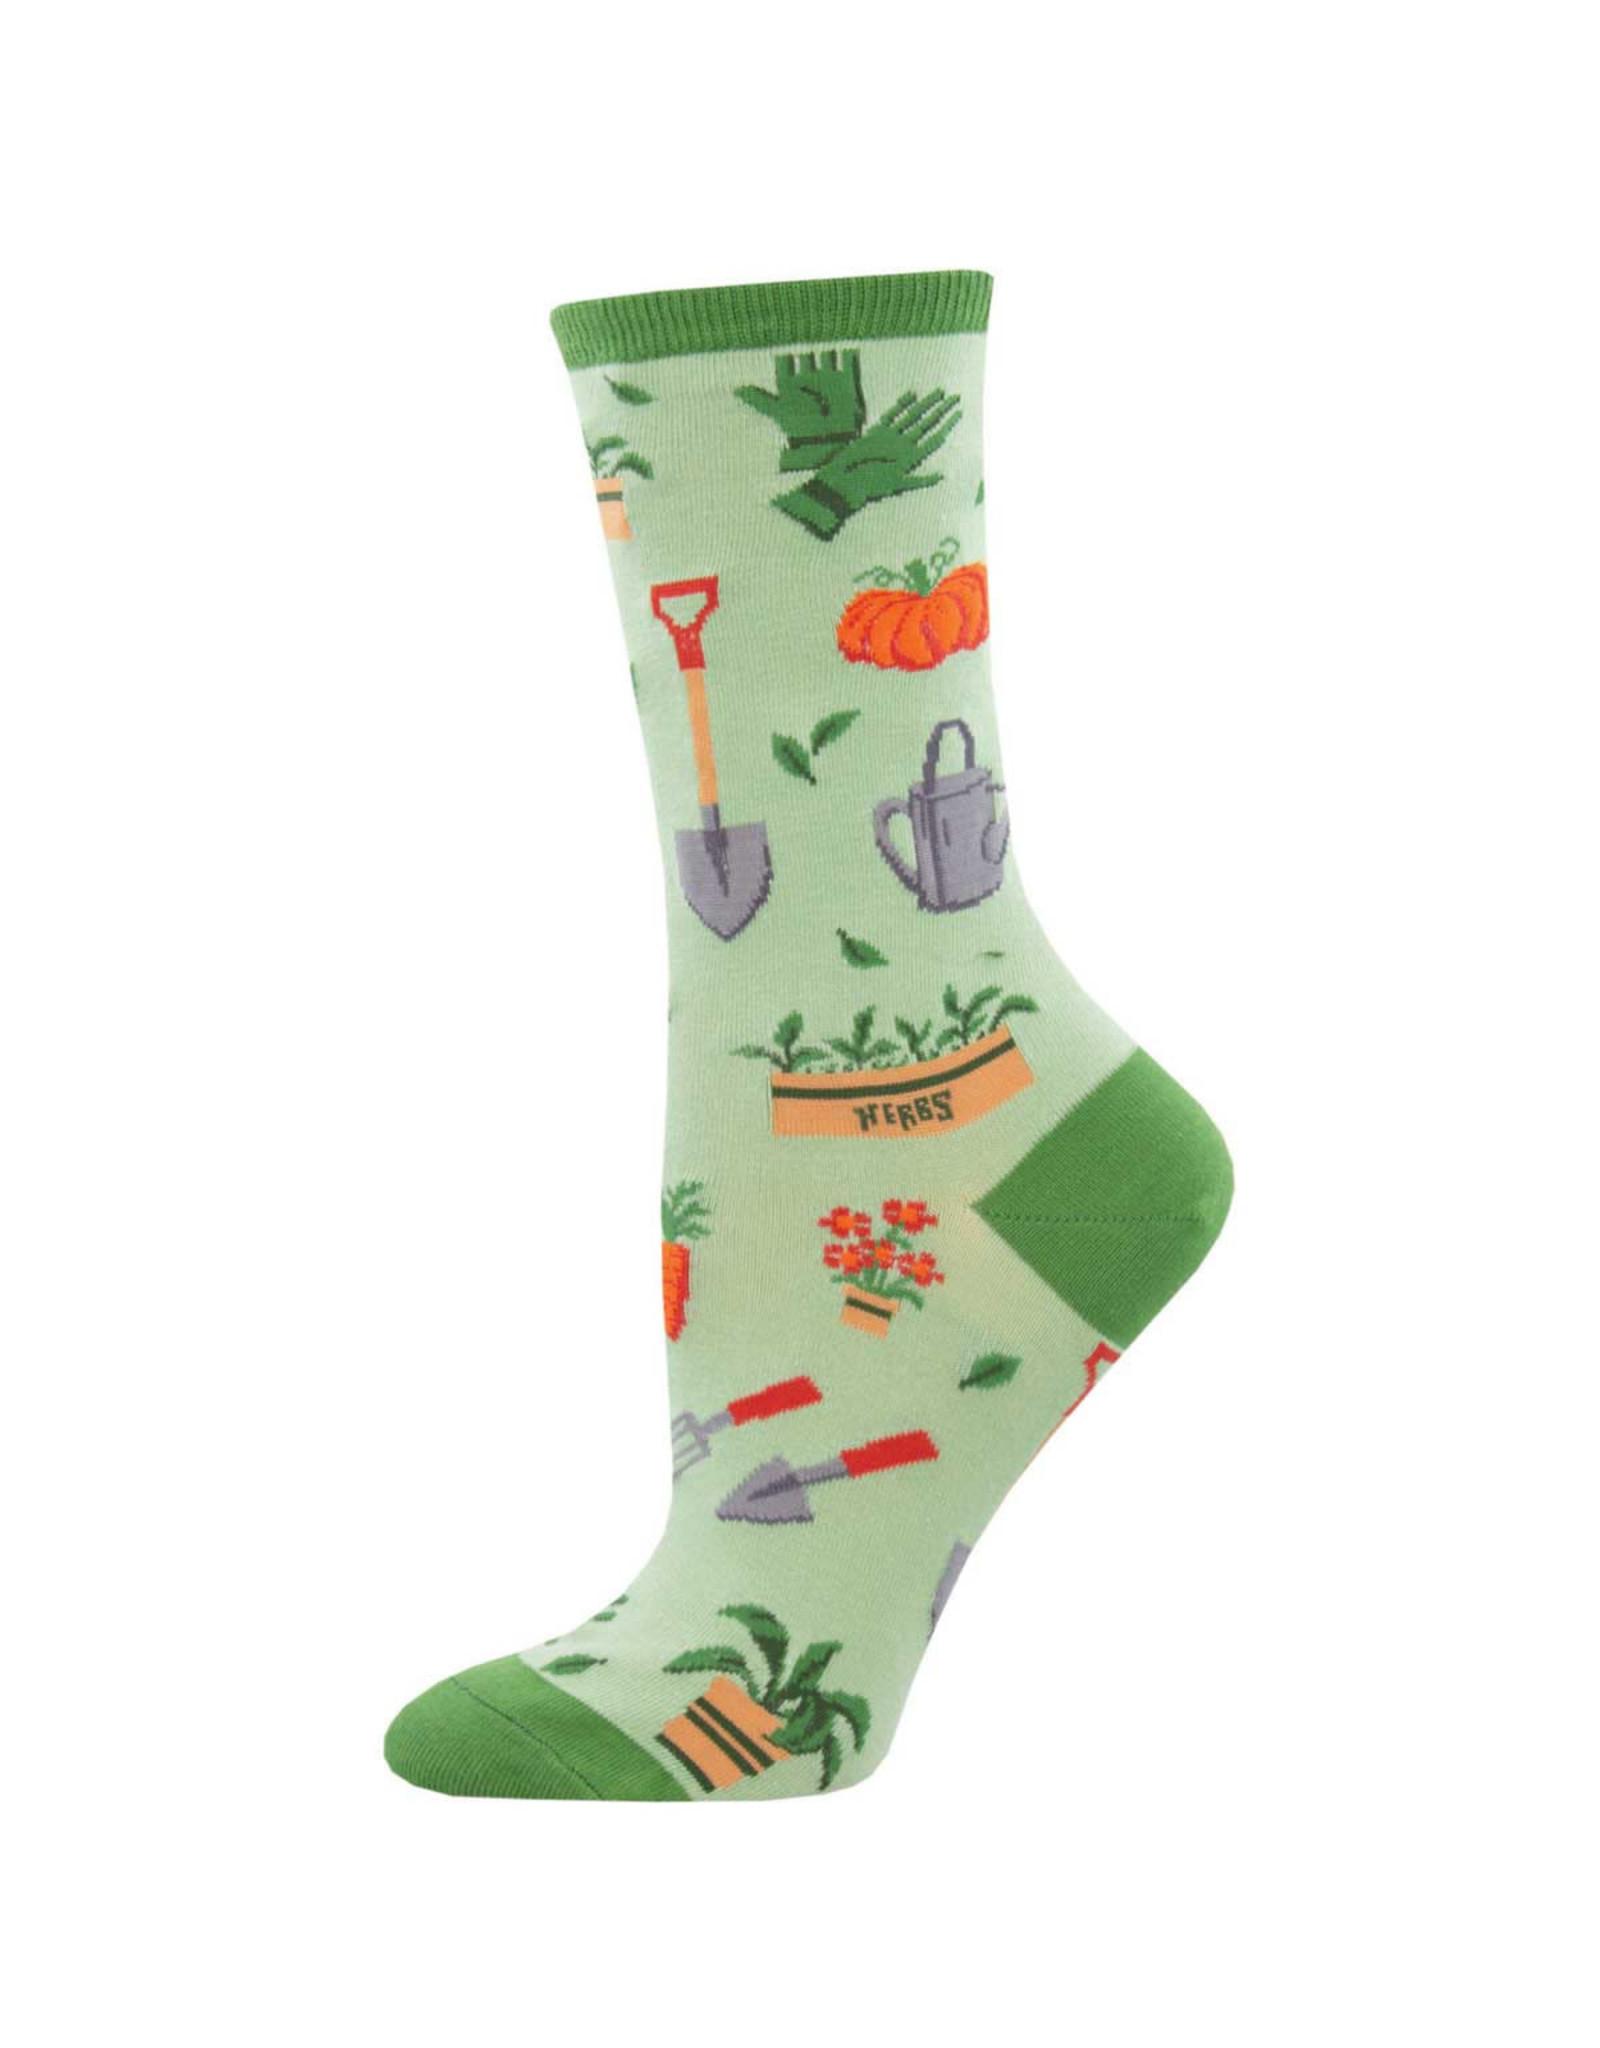 Socksmith Design Hoe Down Green 9-11 Women's Crew Socks